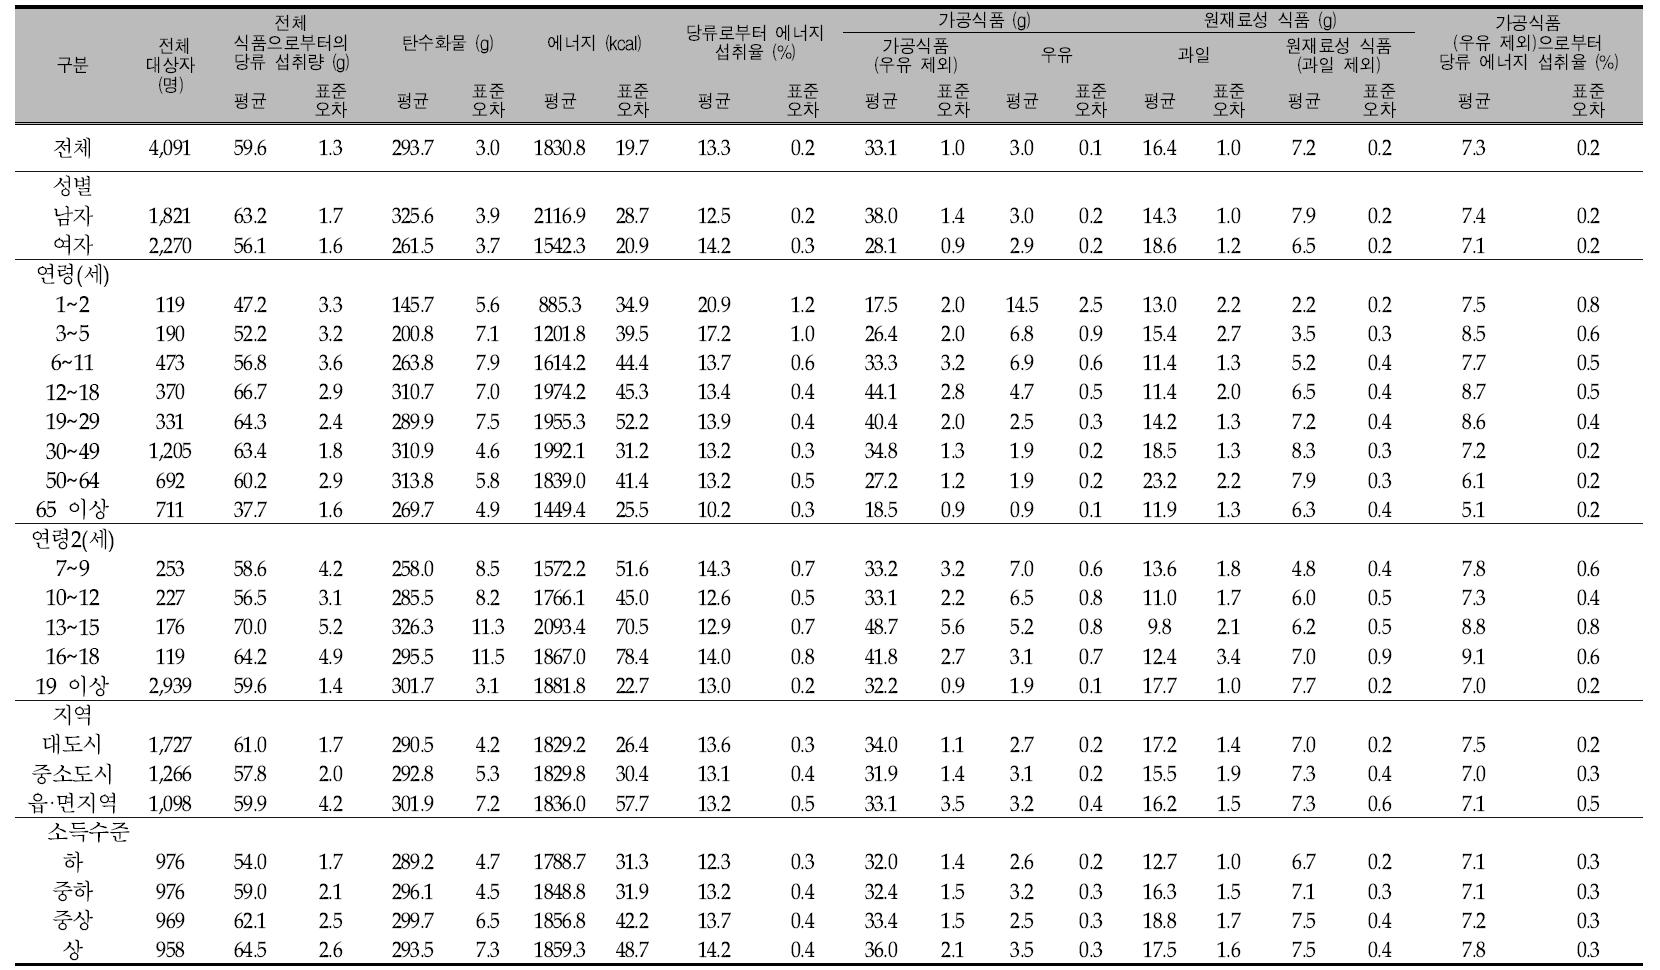 우리 국민의 1인1일 평균 당류 섭취량(성별, 연령별, 지역별, 소득수준별): 국민건강영양조사 2007년